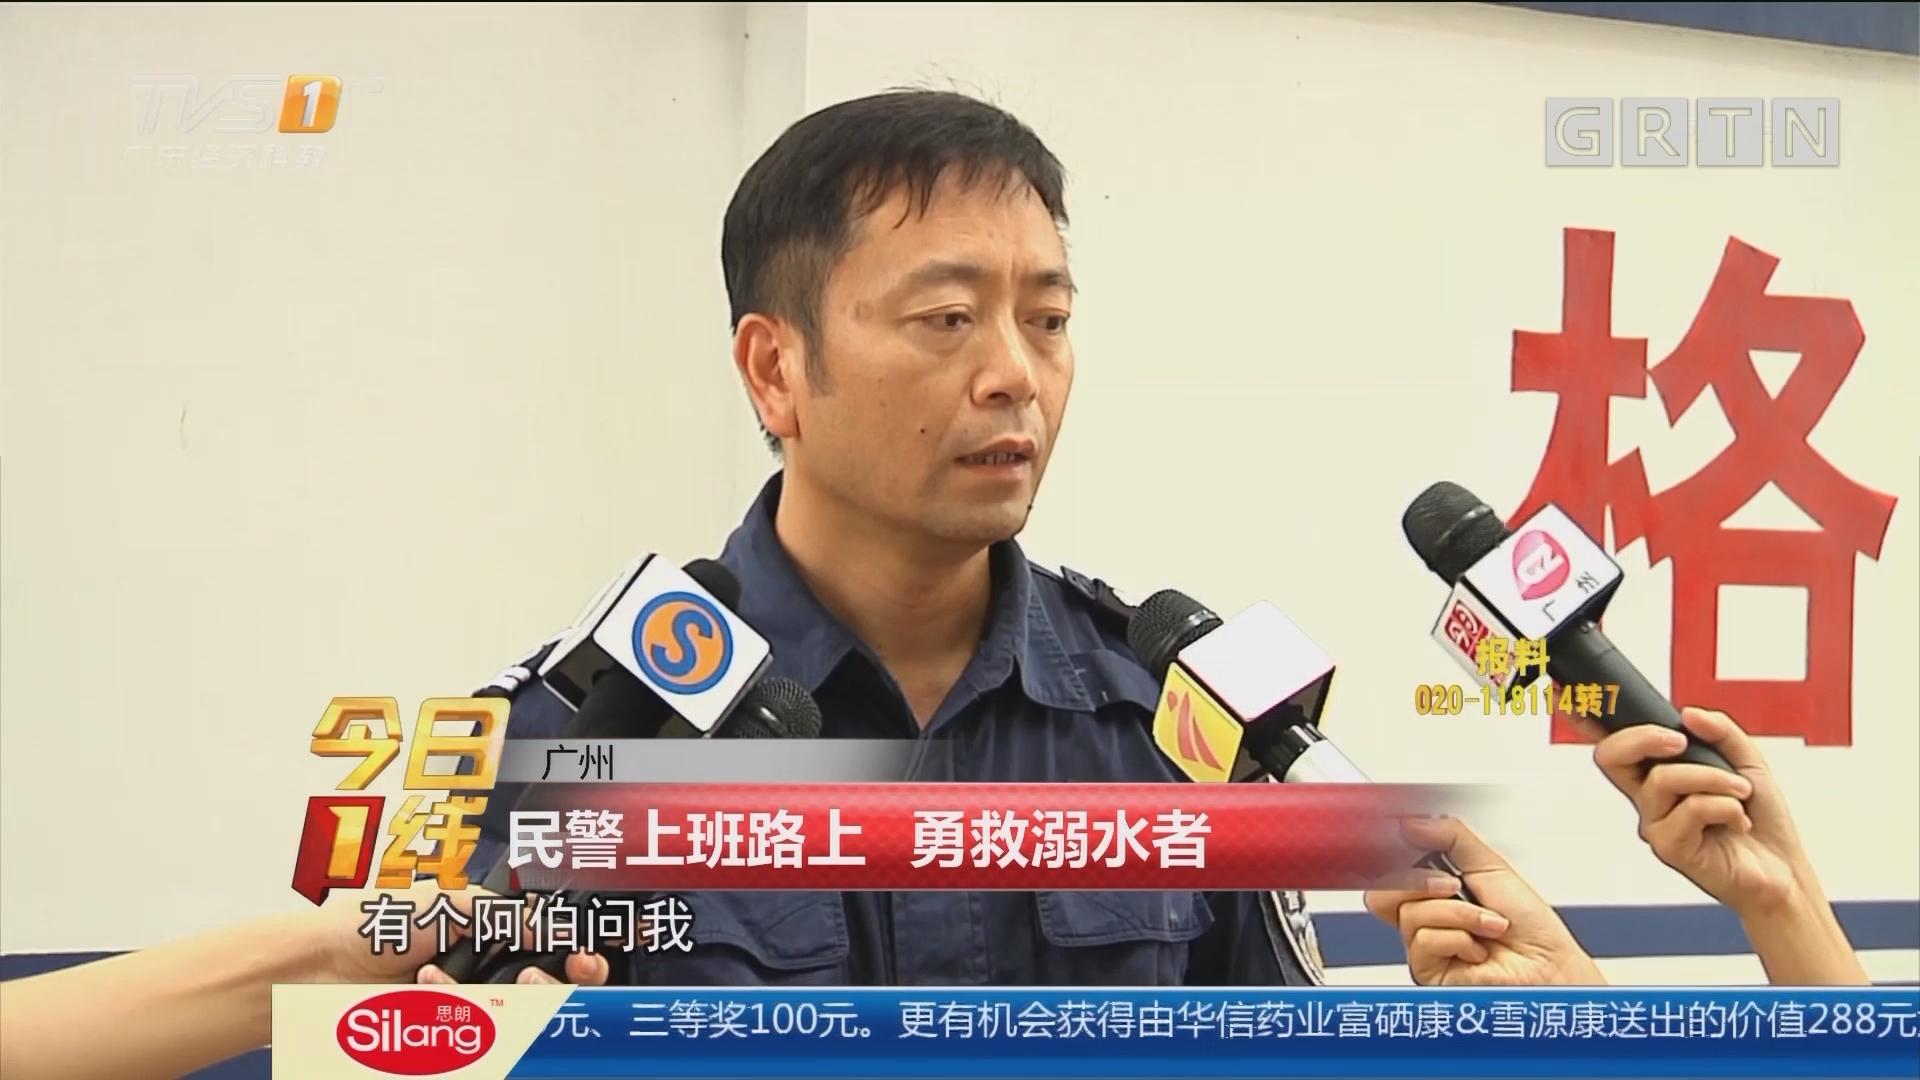 广州:民警上班路上 勇救溺水者